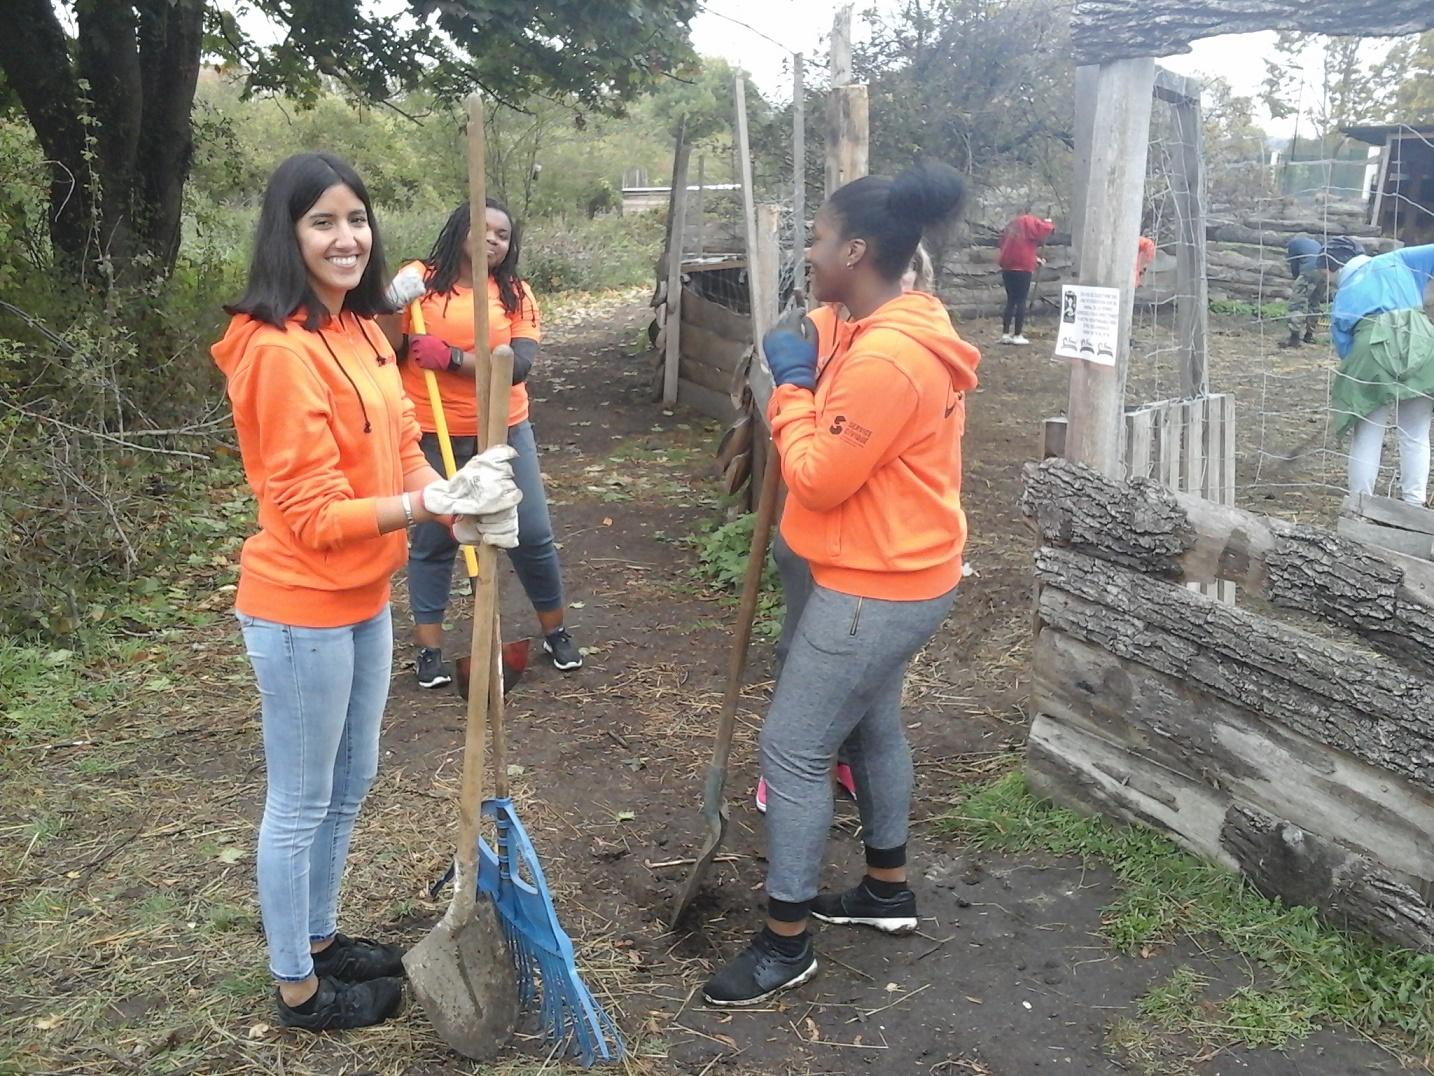 Unis-Cité 93 recrute des jeunes pour une mission « Environnement et Développement durable »